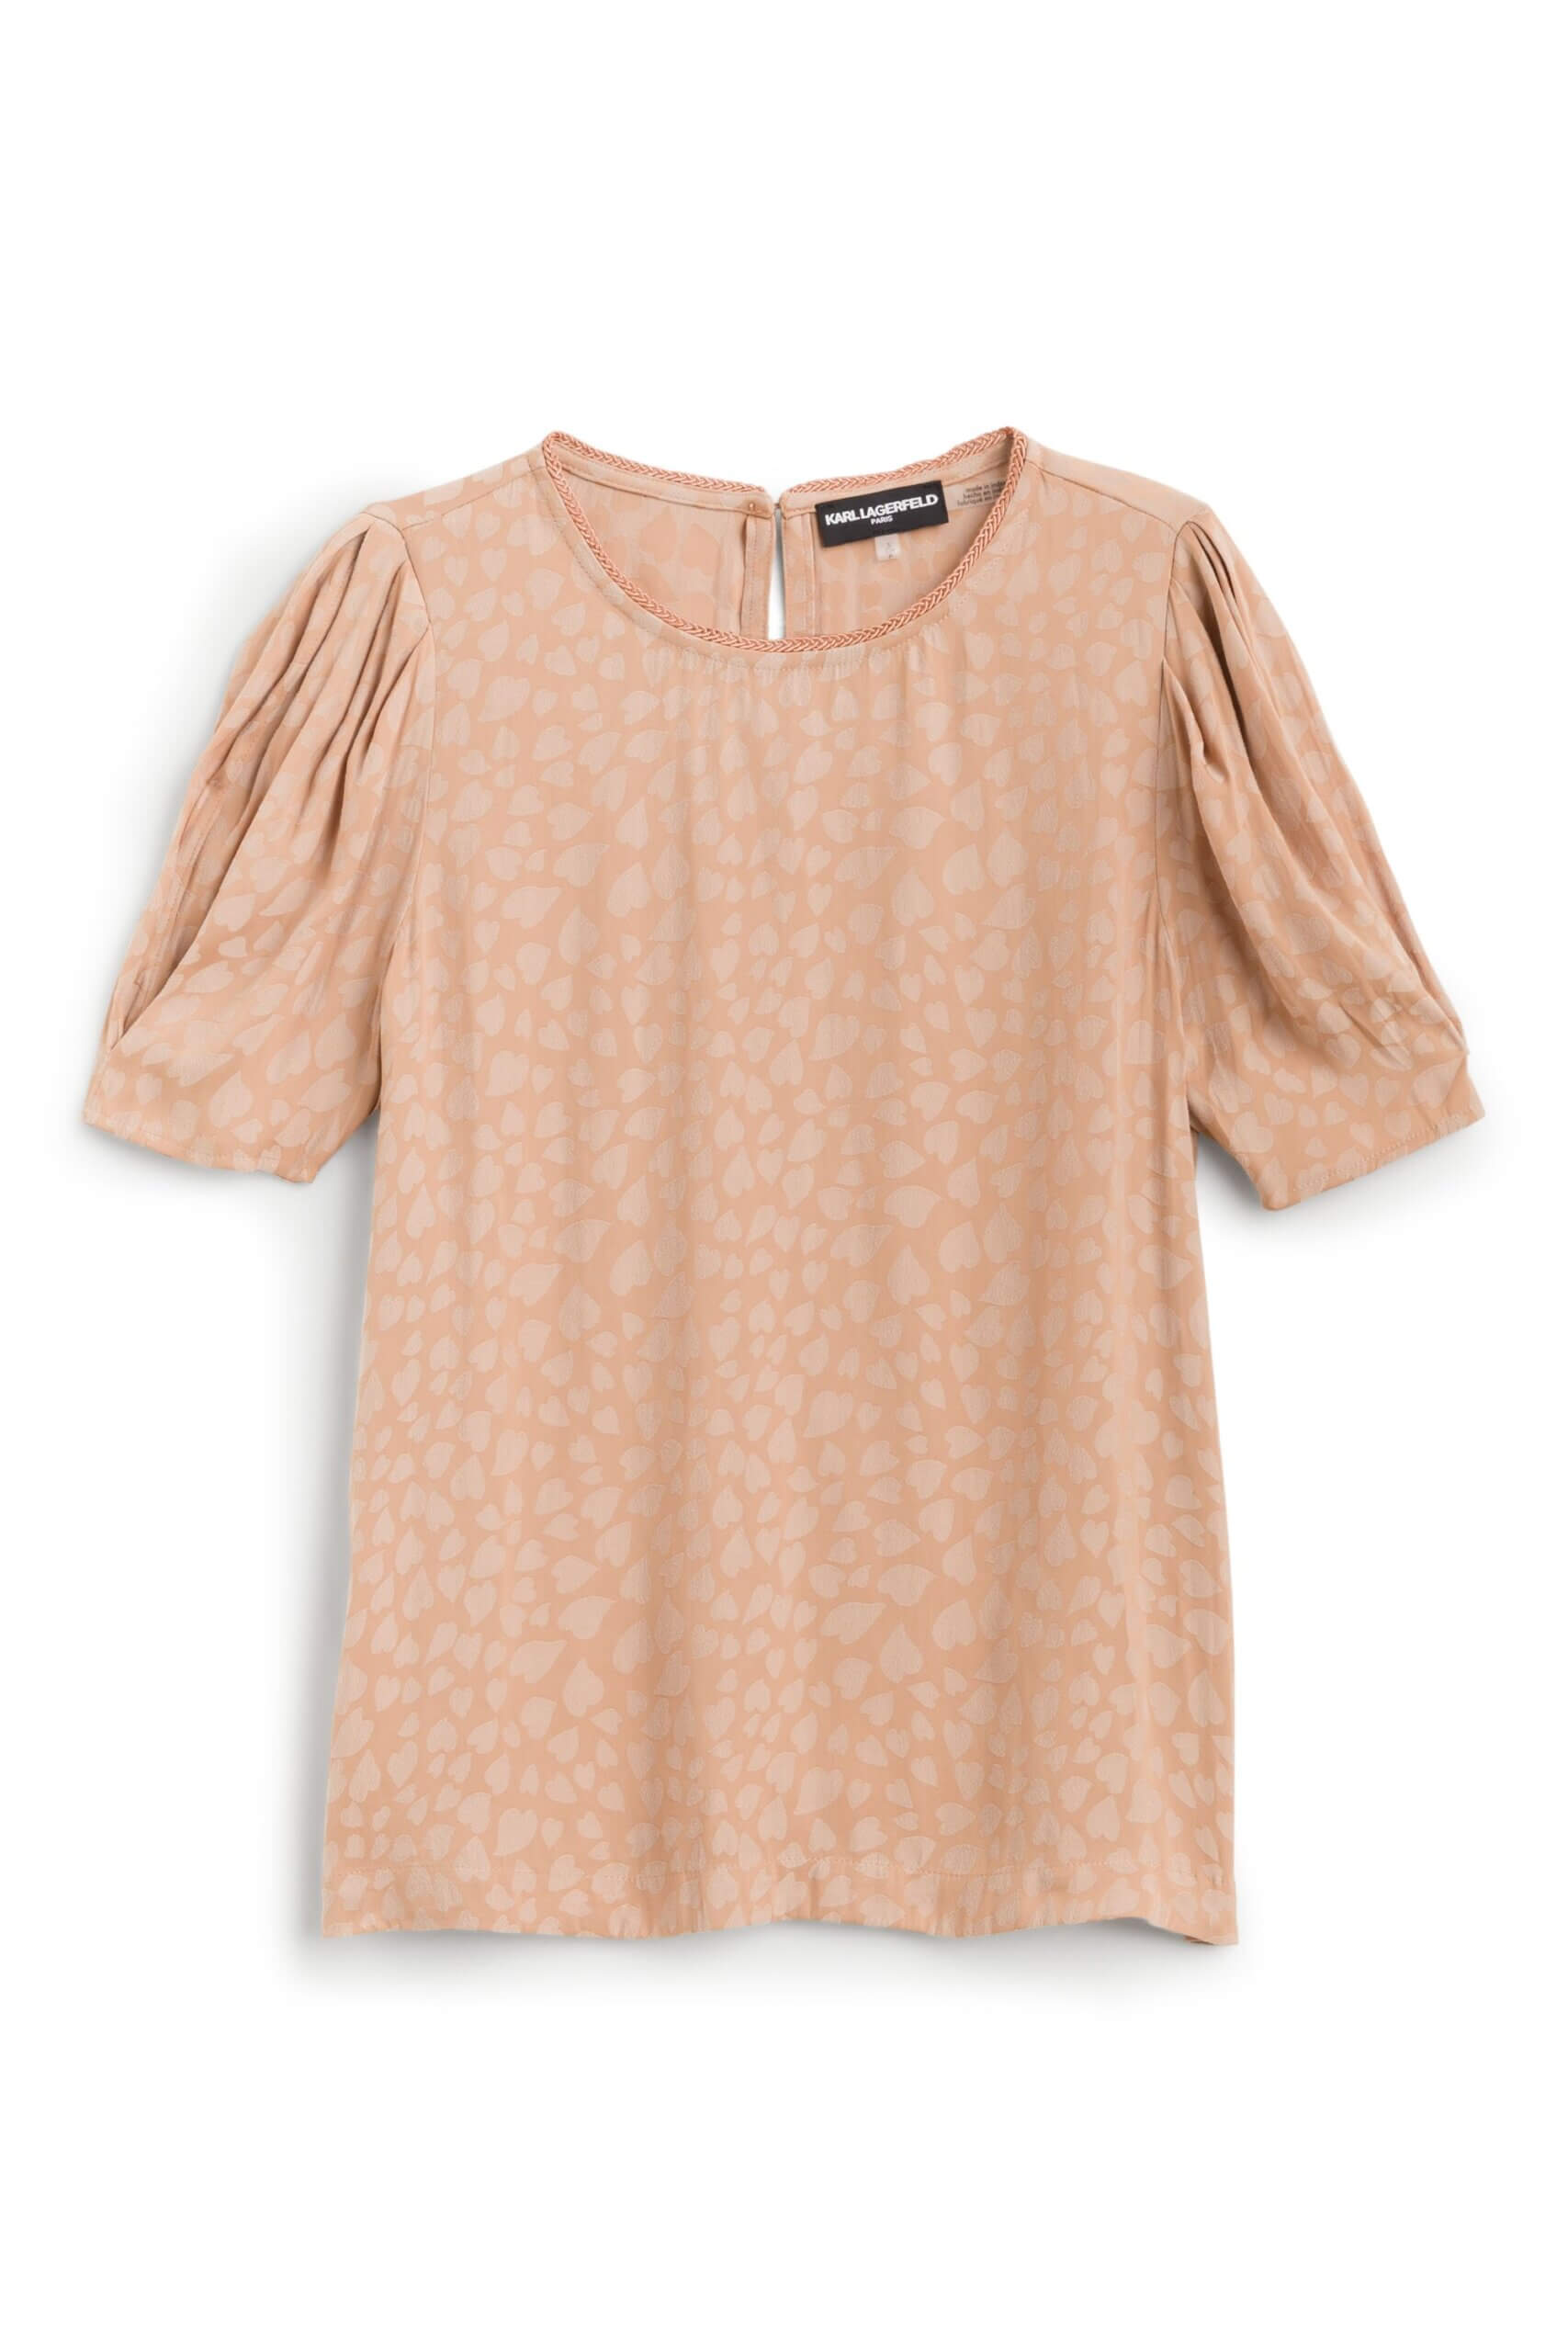 Stitch Fix Women's tan animal print blouse.